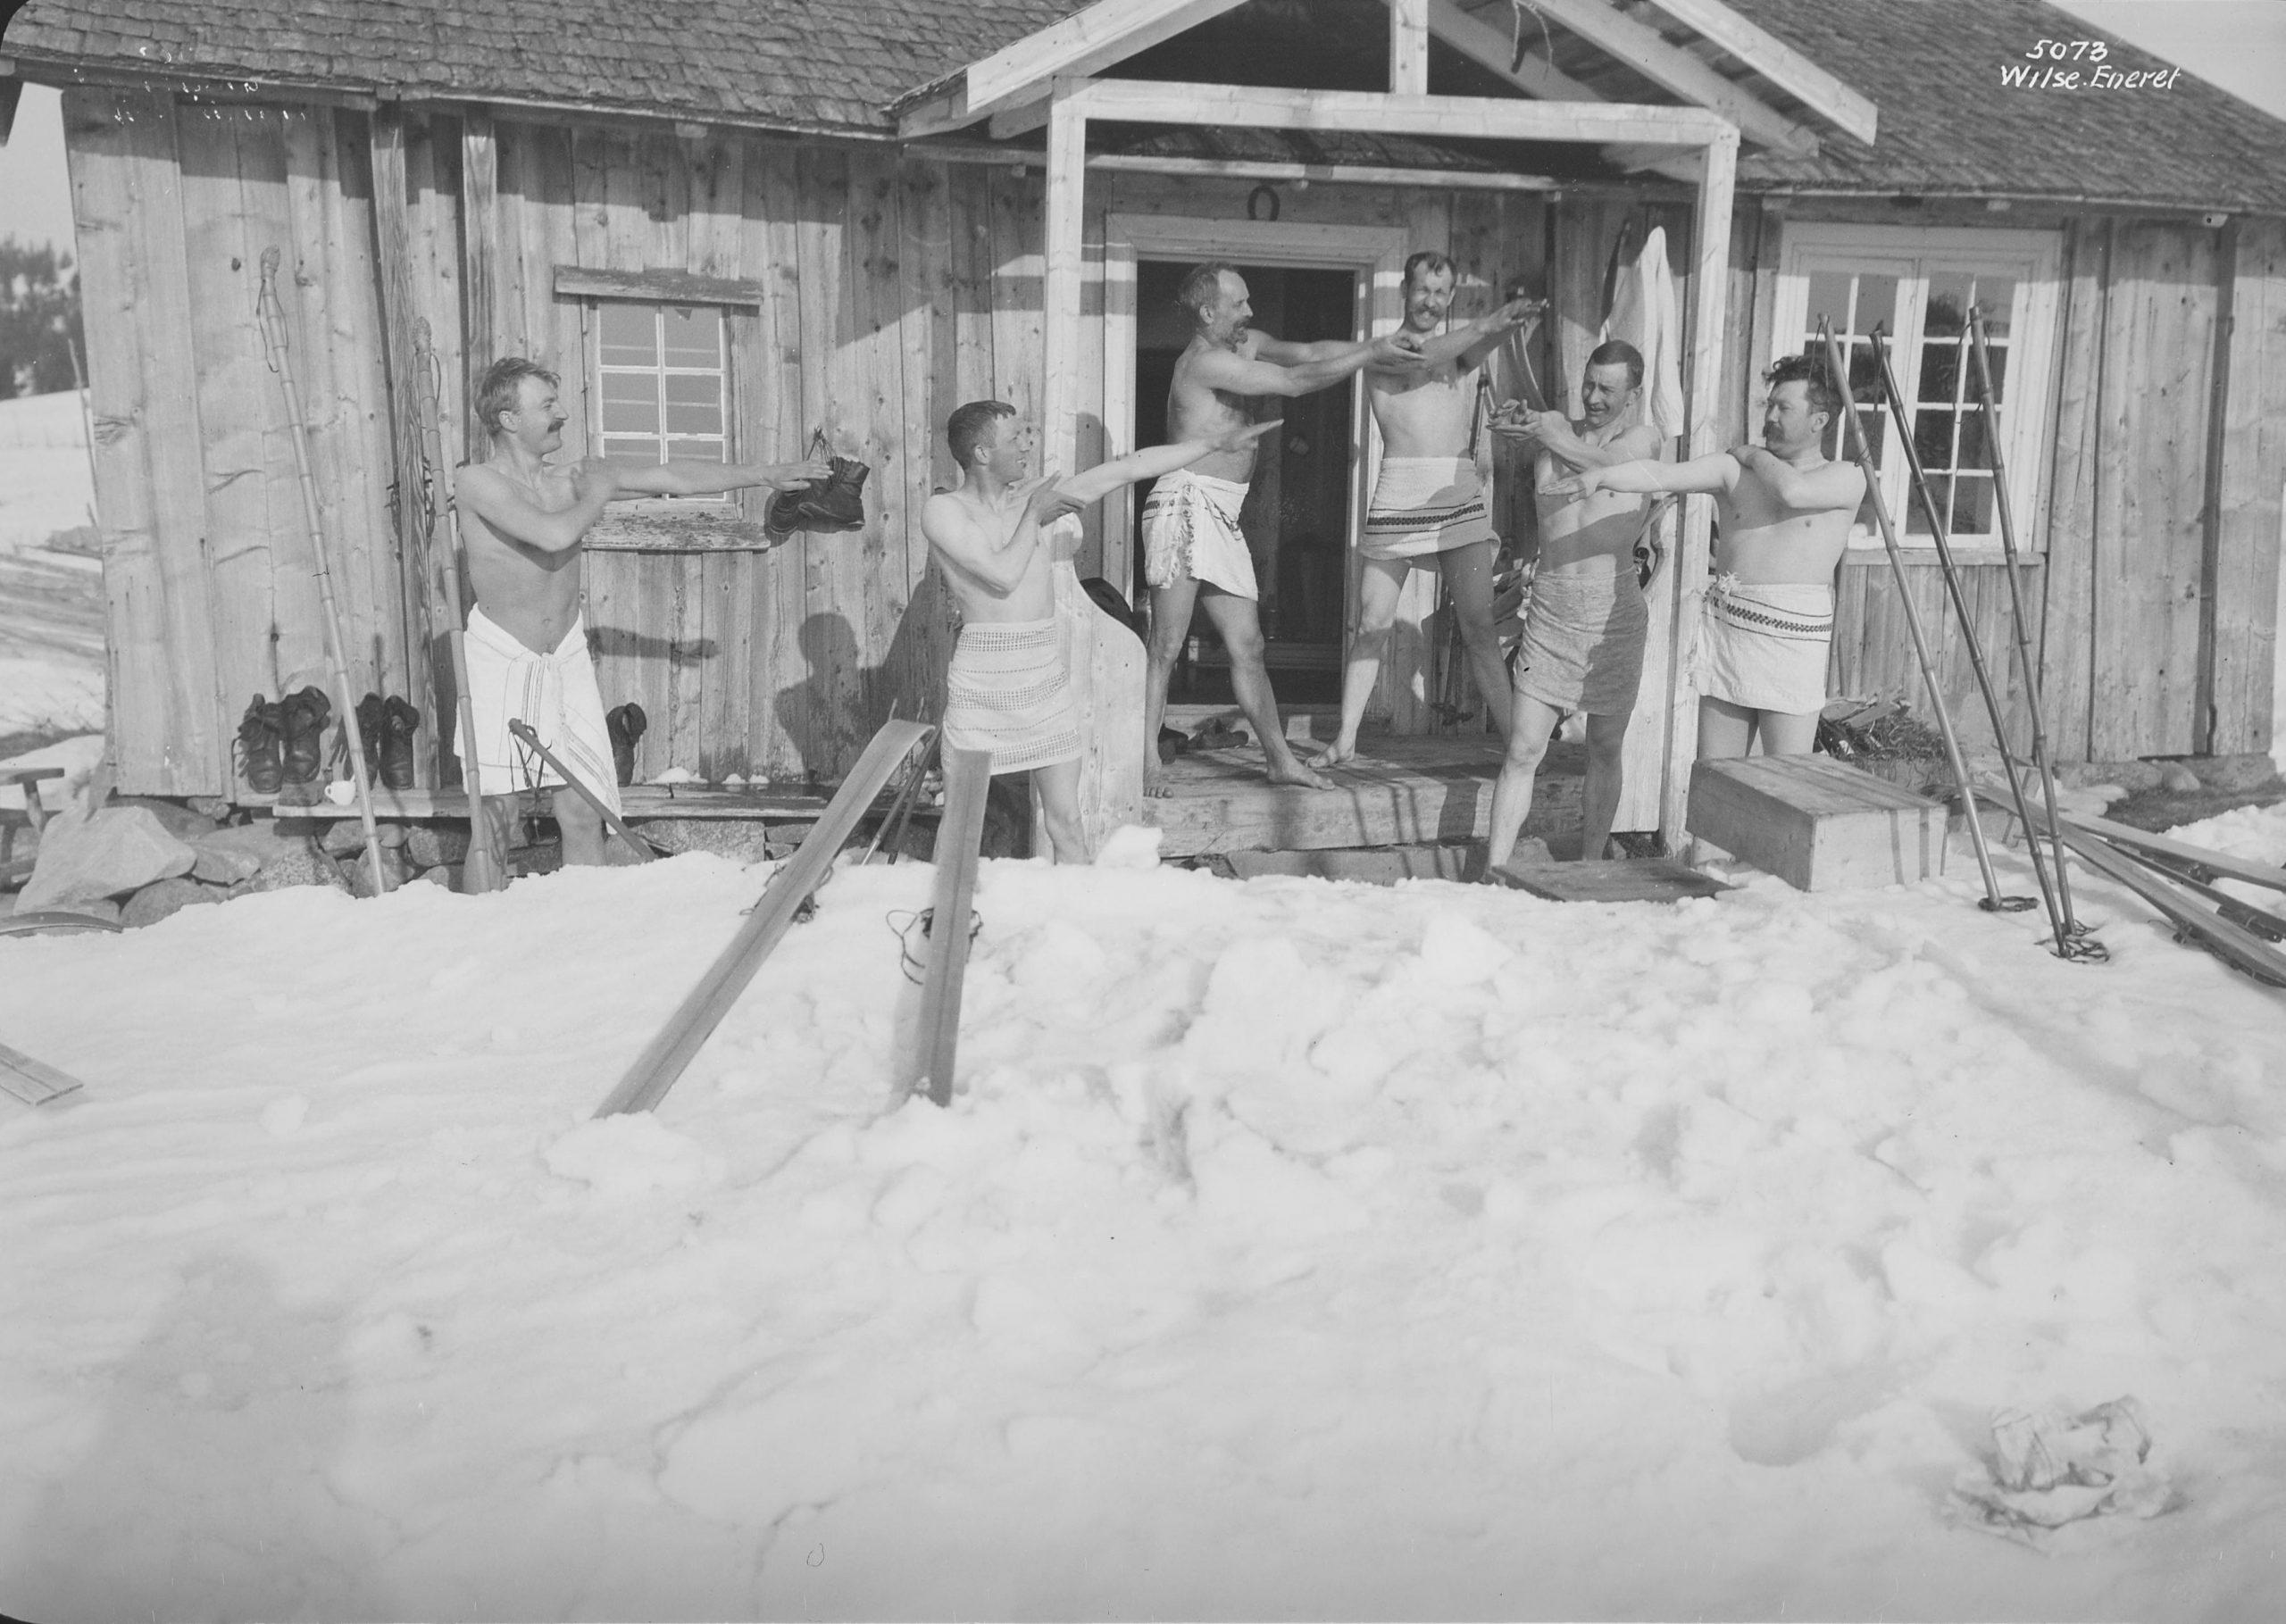 Gymnastics and snowbathing. Brøttum, Sjusjøen, Ringsaker, Hedmark, Norway - Easter in 1906. | Photo: Anders Beer Wilse - Norsk Folkemuseum cc pdm.